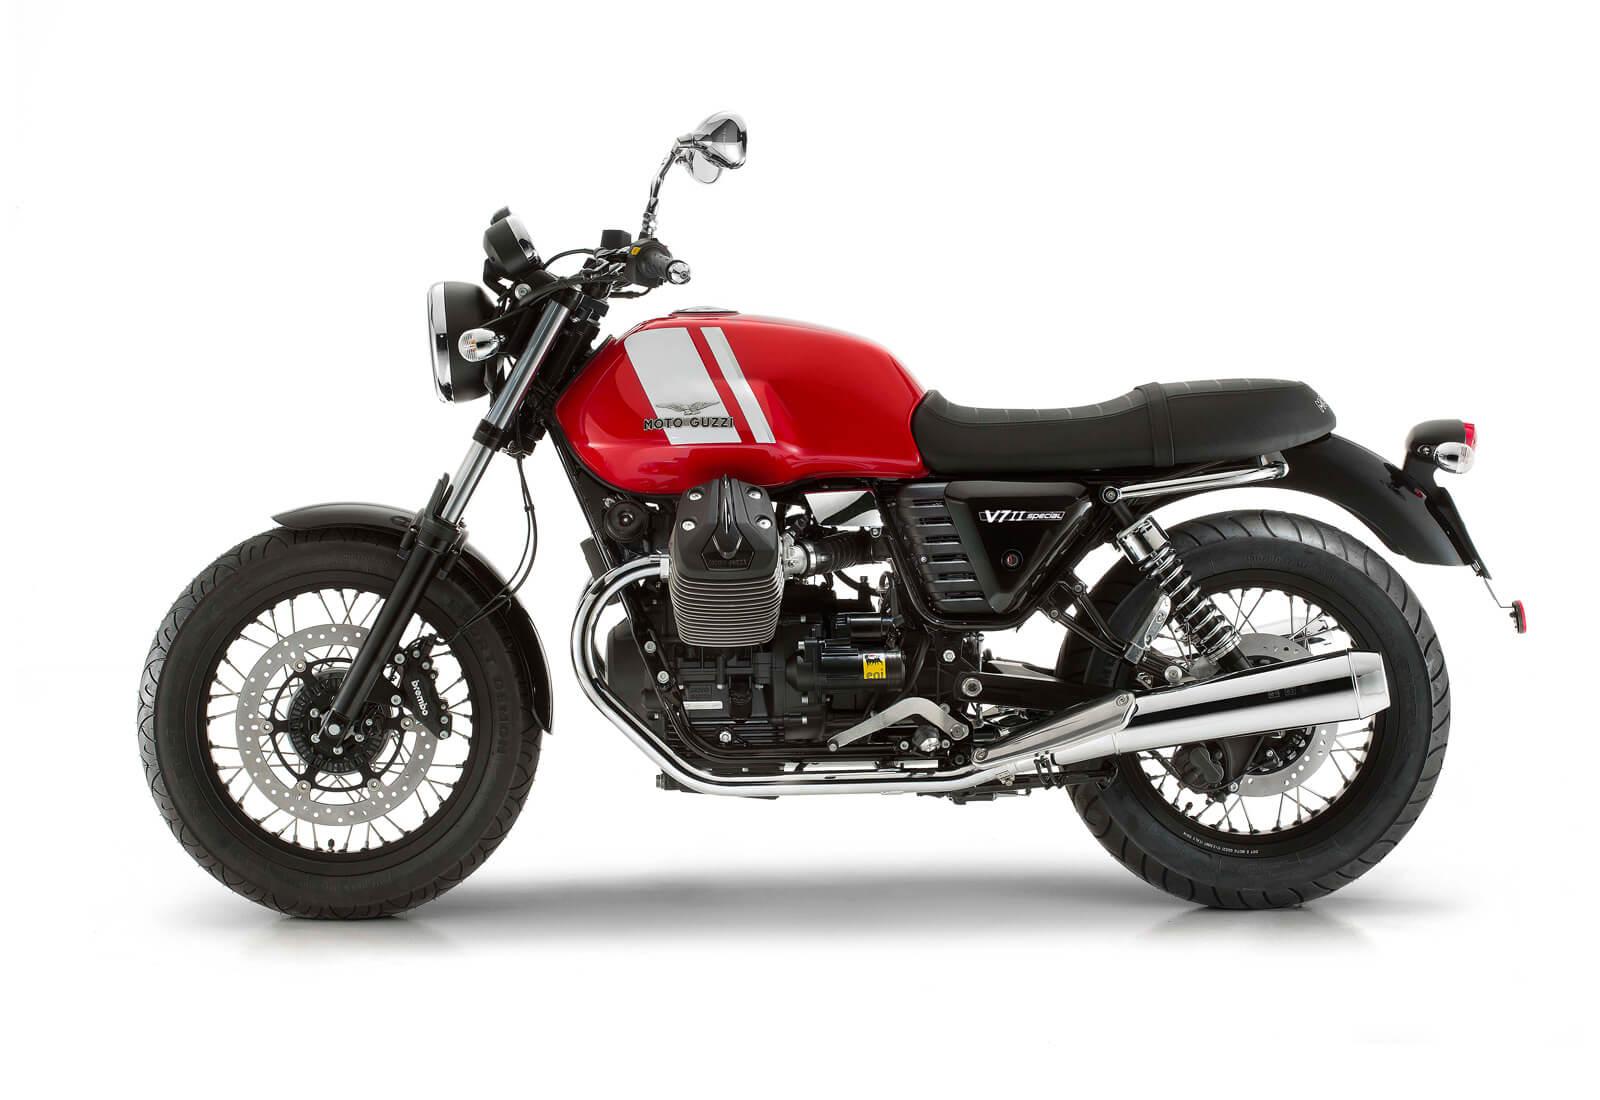 Moto Guzzi V7 II Special red